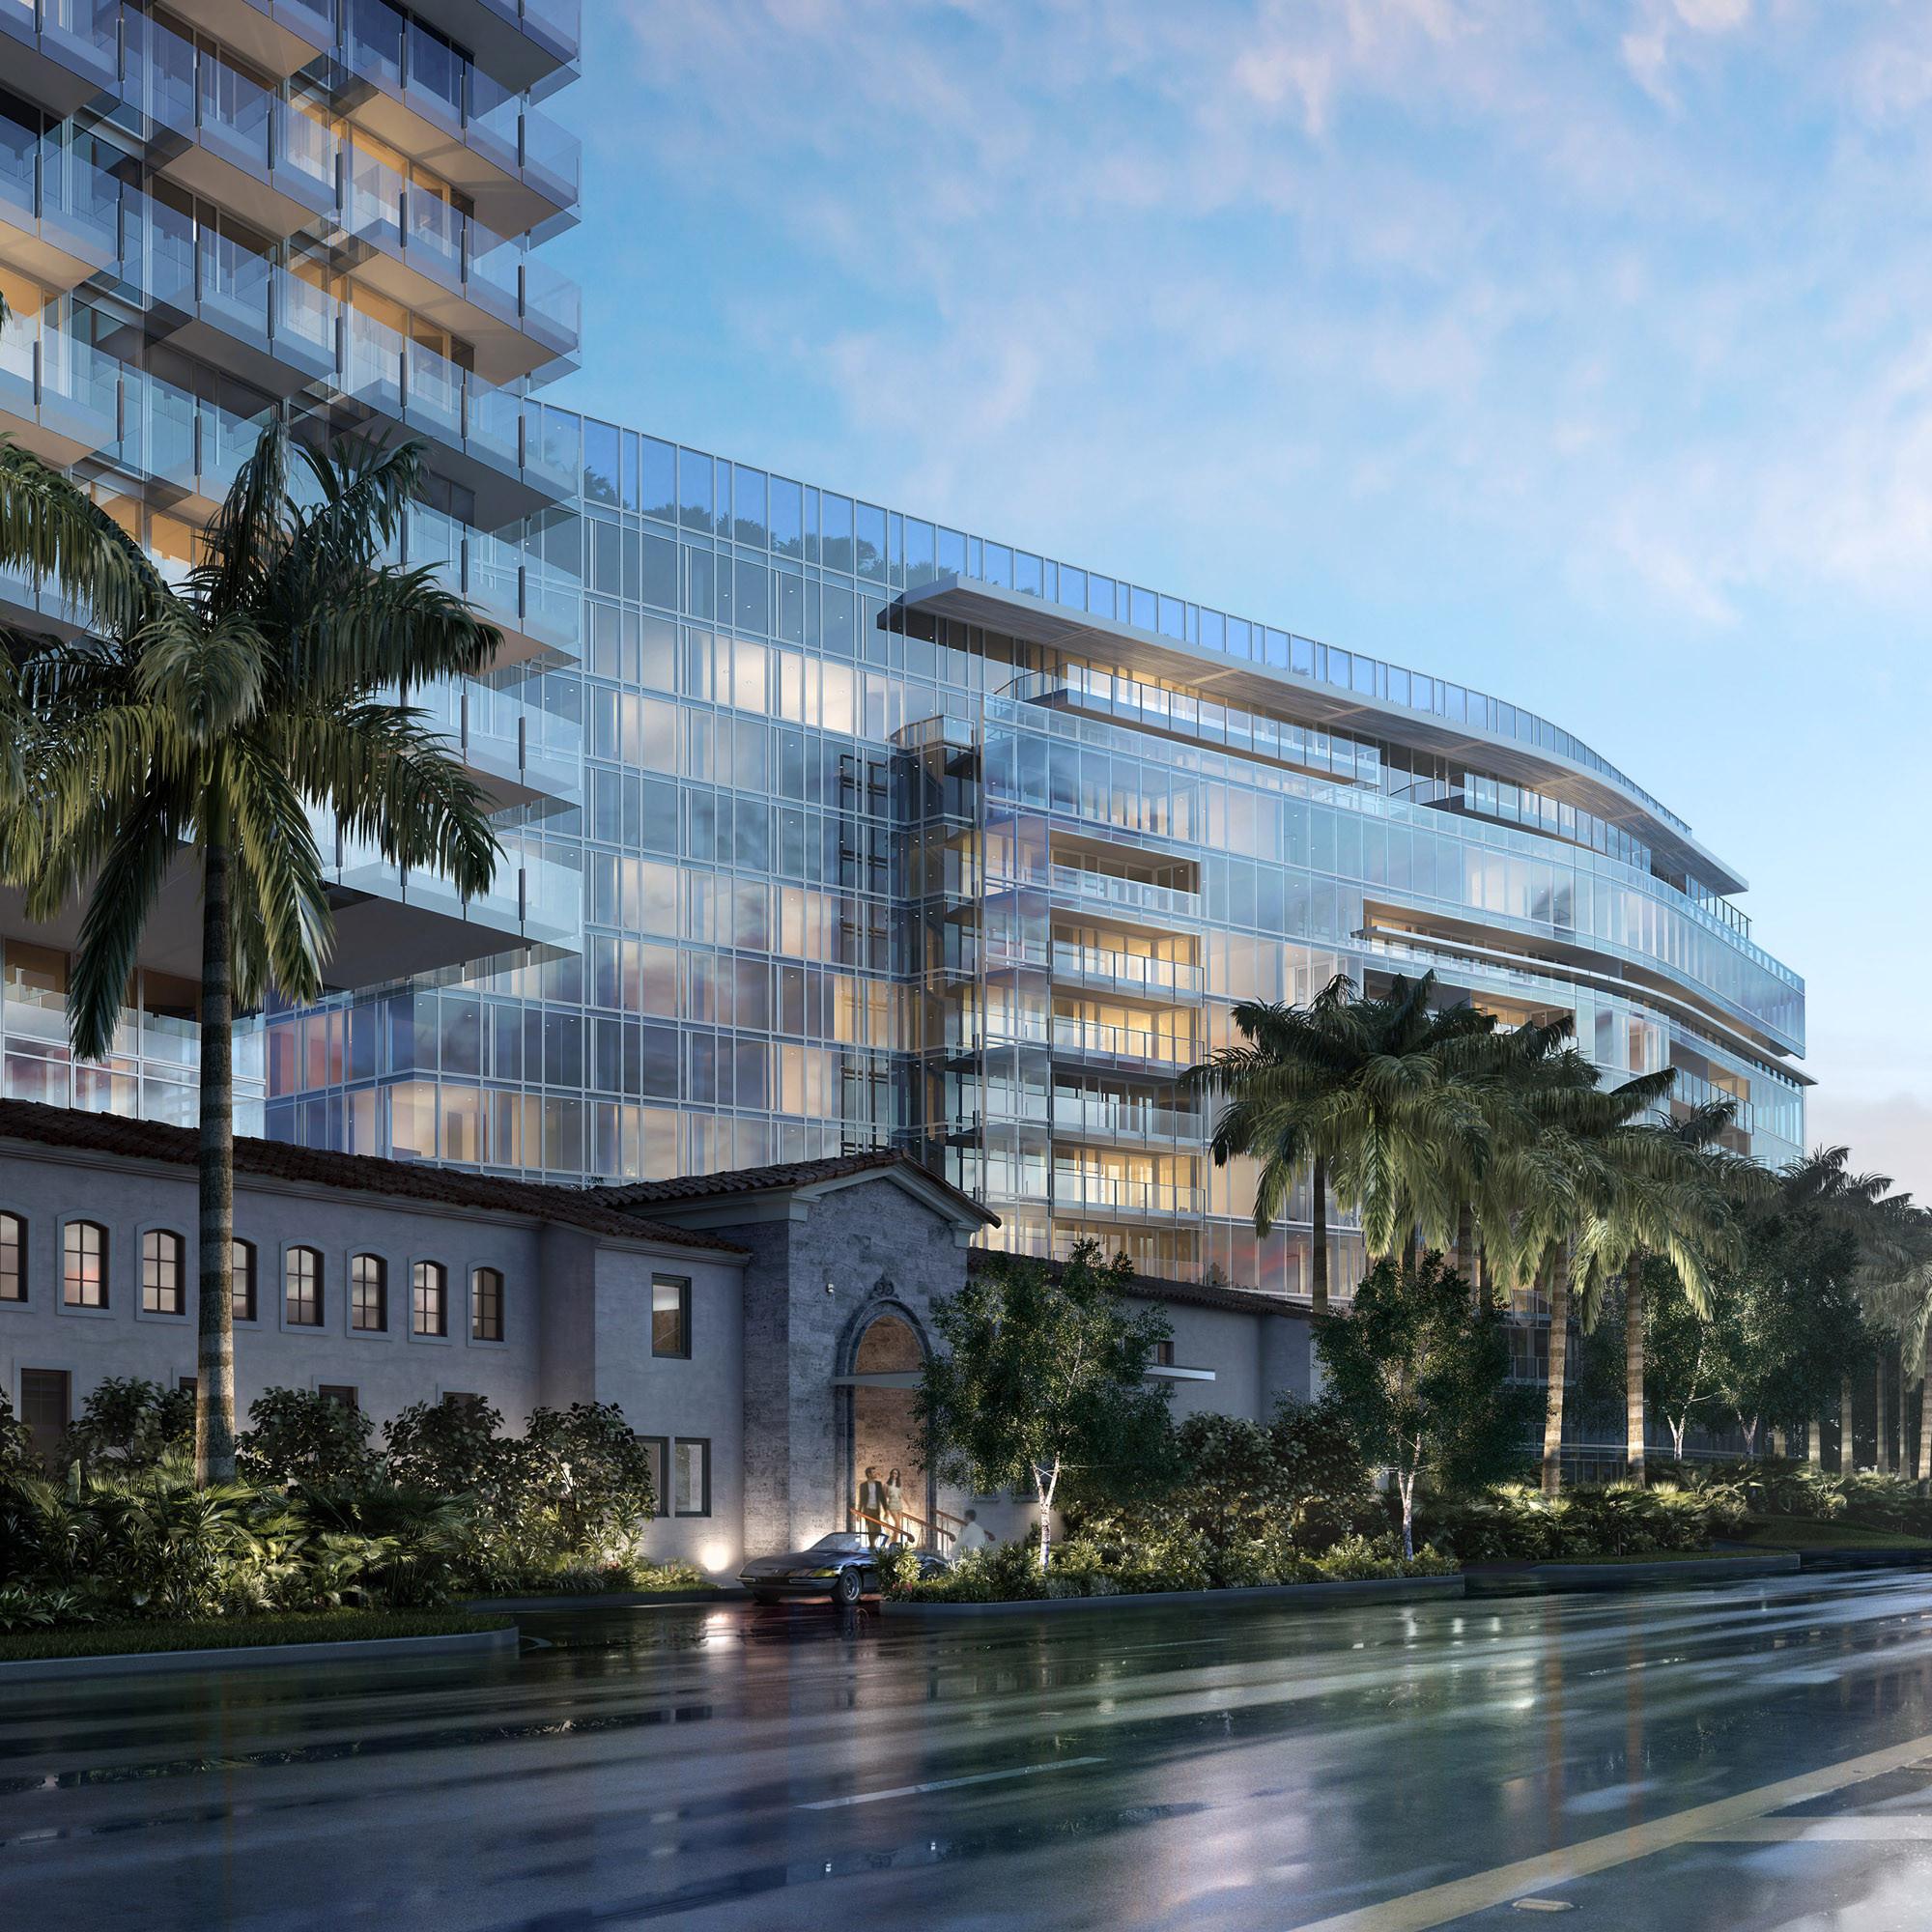 richard meier unveils first florida beach project now underway